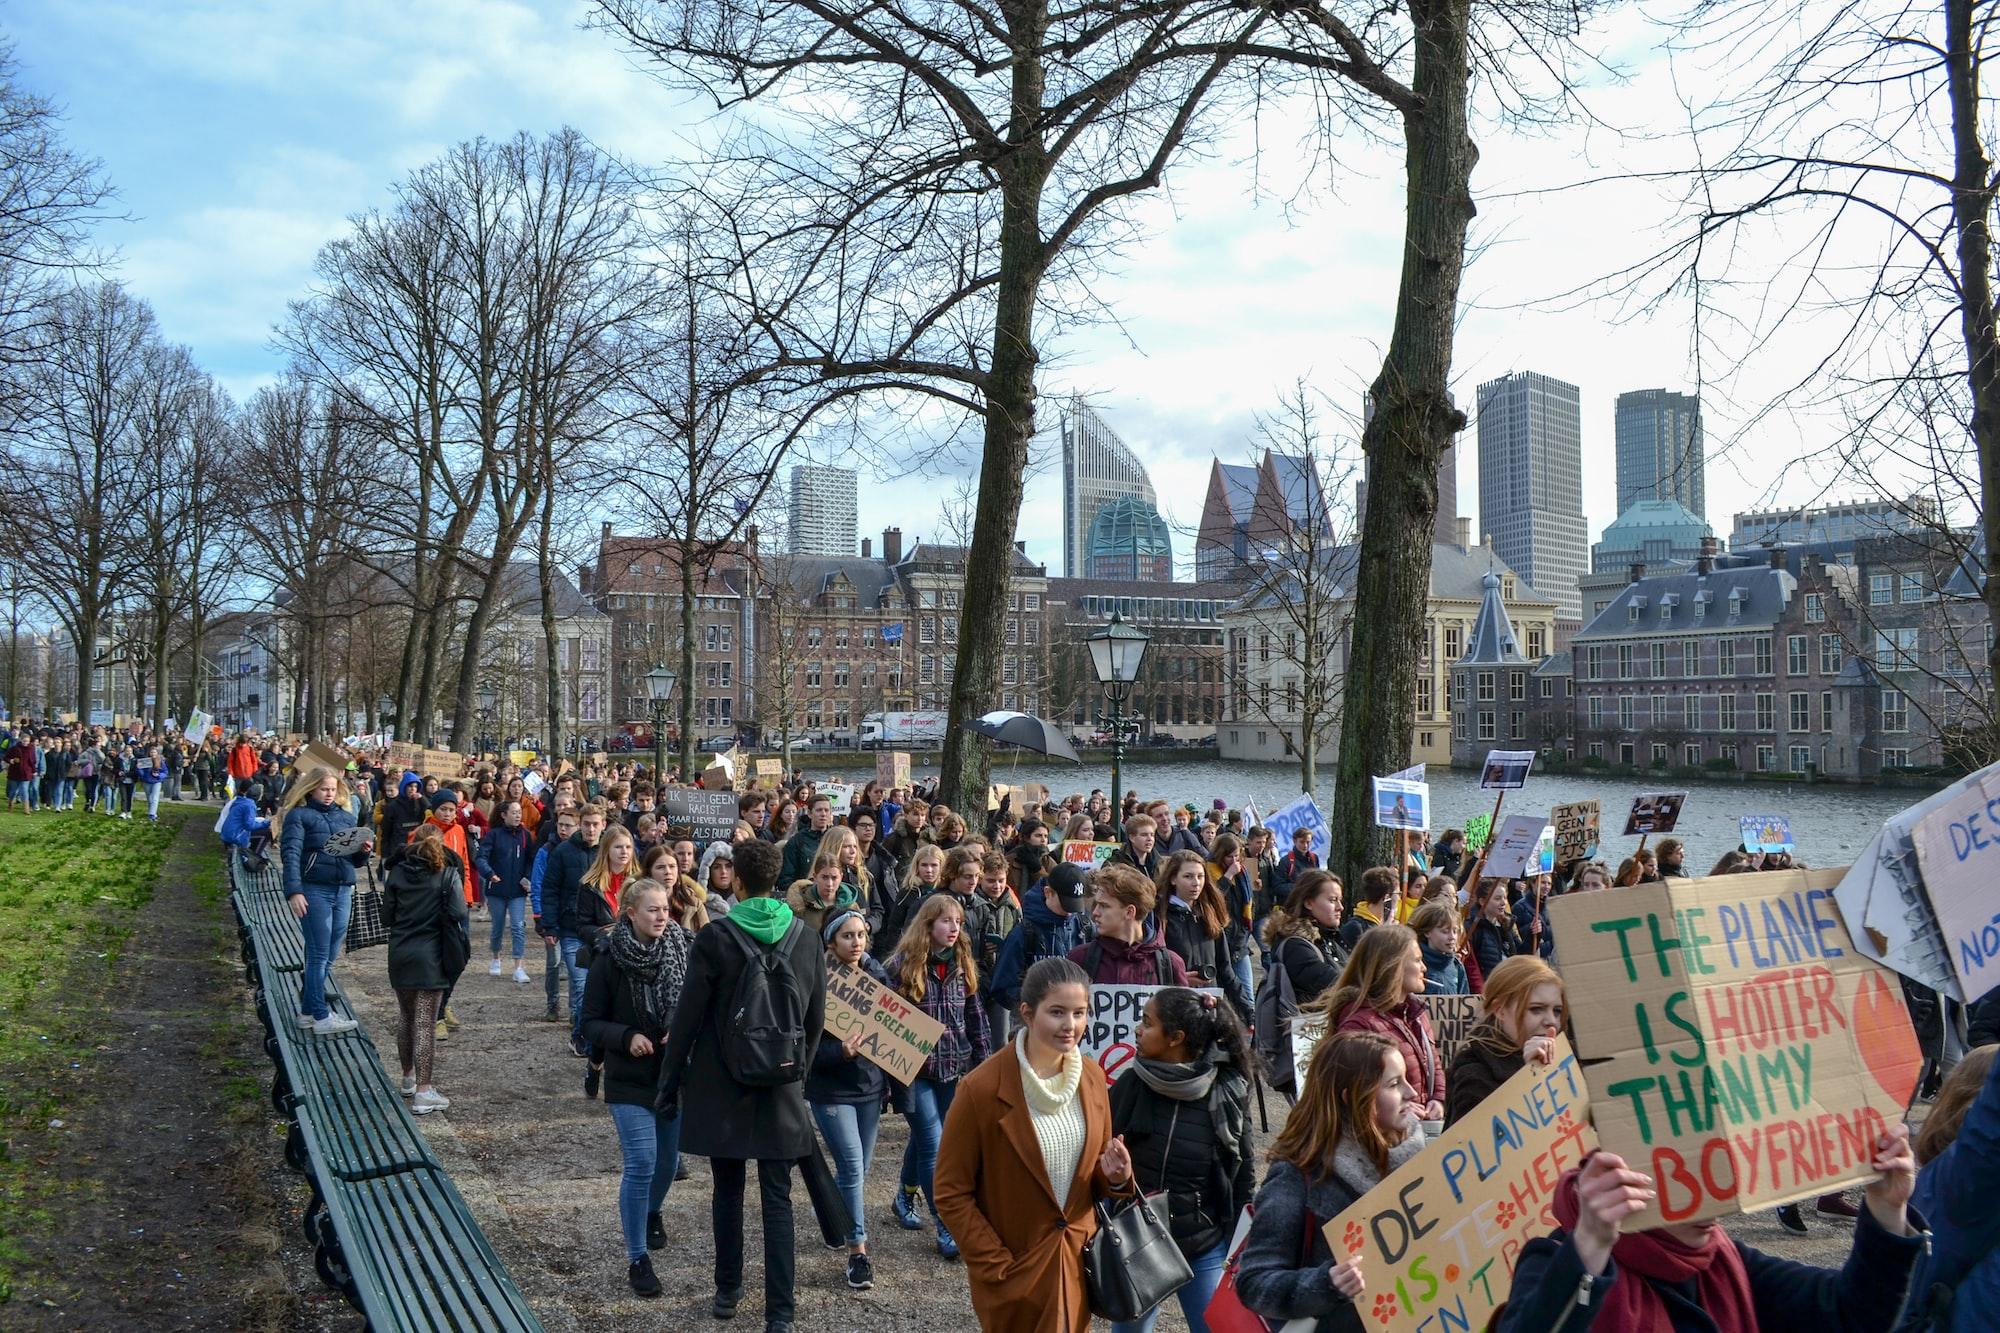 Úspěch klimatické žaloby v Nizozemsku: soud přikázal vládě rychlejší snižování emisí